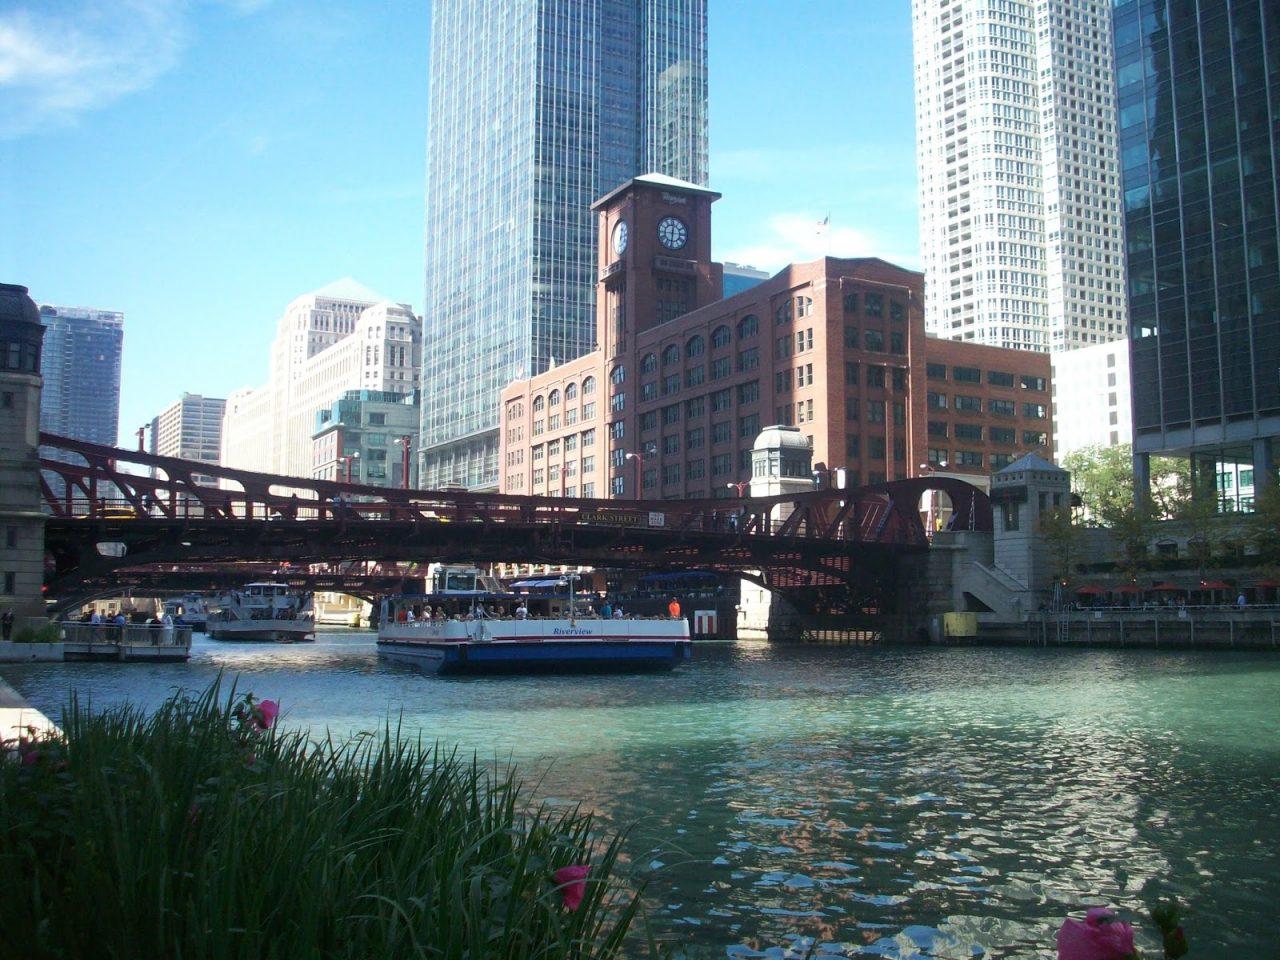 Bootsfahrt auf dem Chicago River